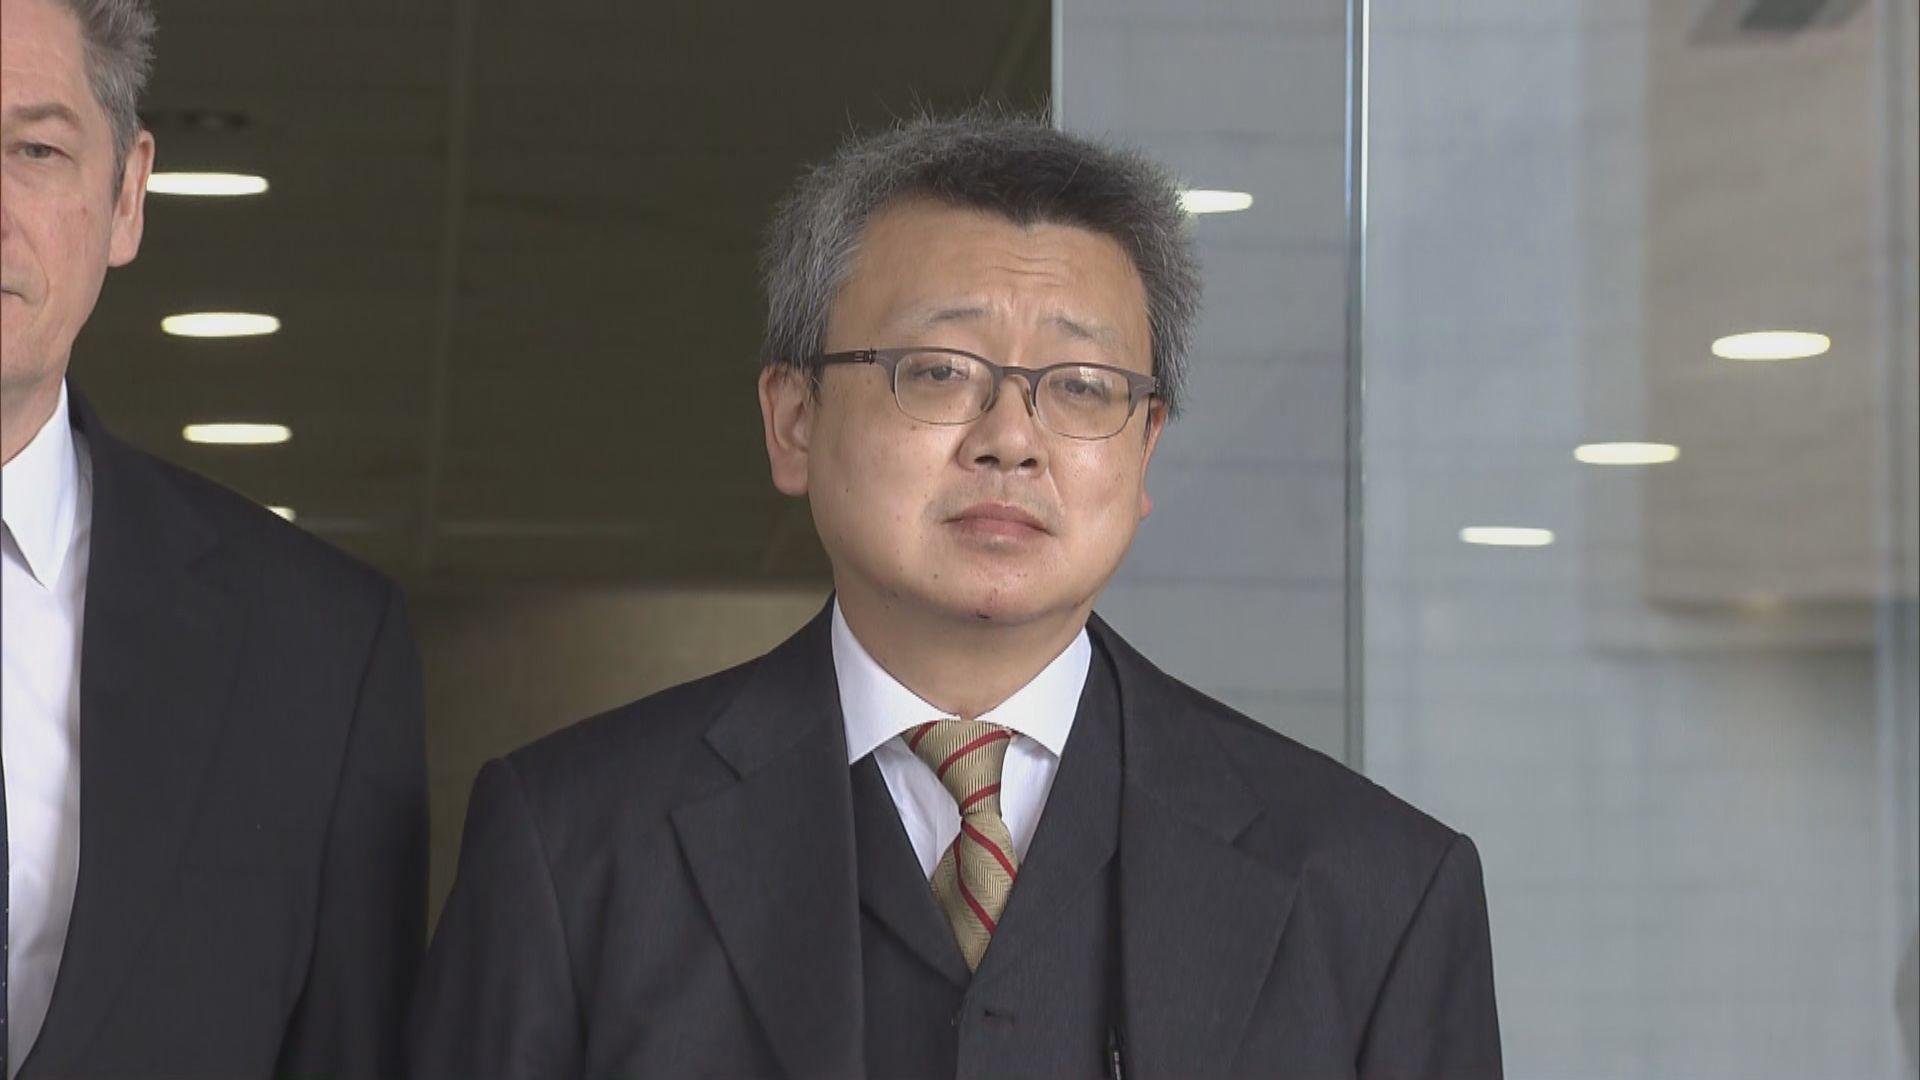 律政司高級檢控官涉非禮女同事 明年再提堂